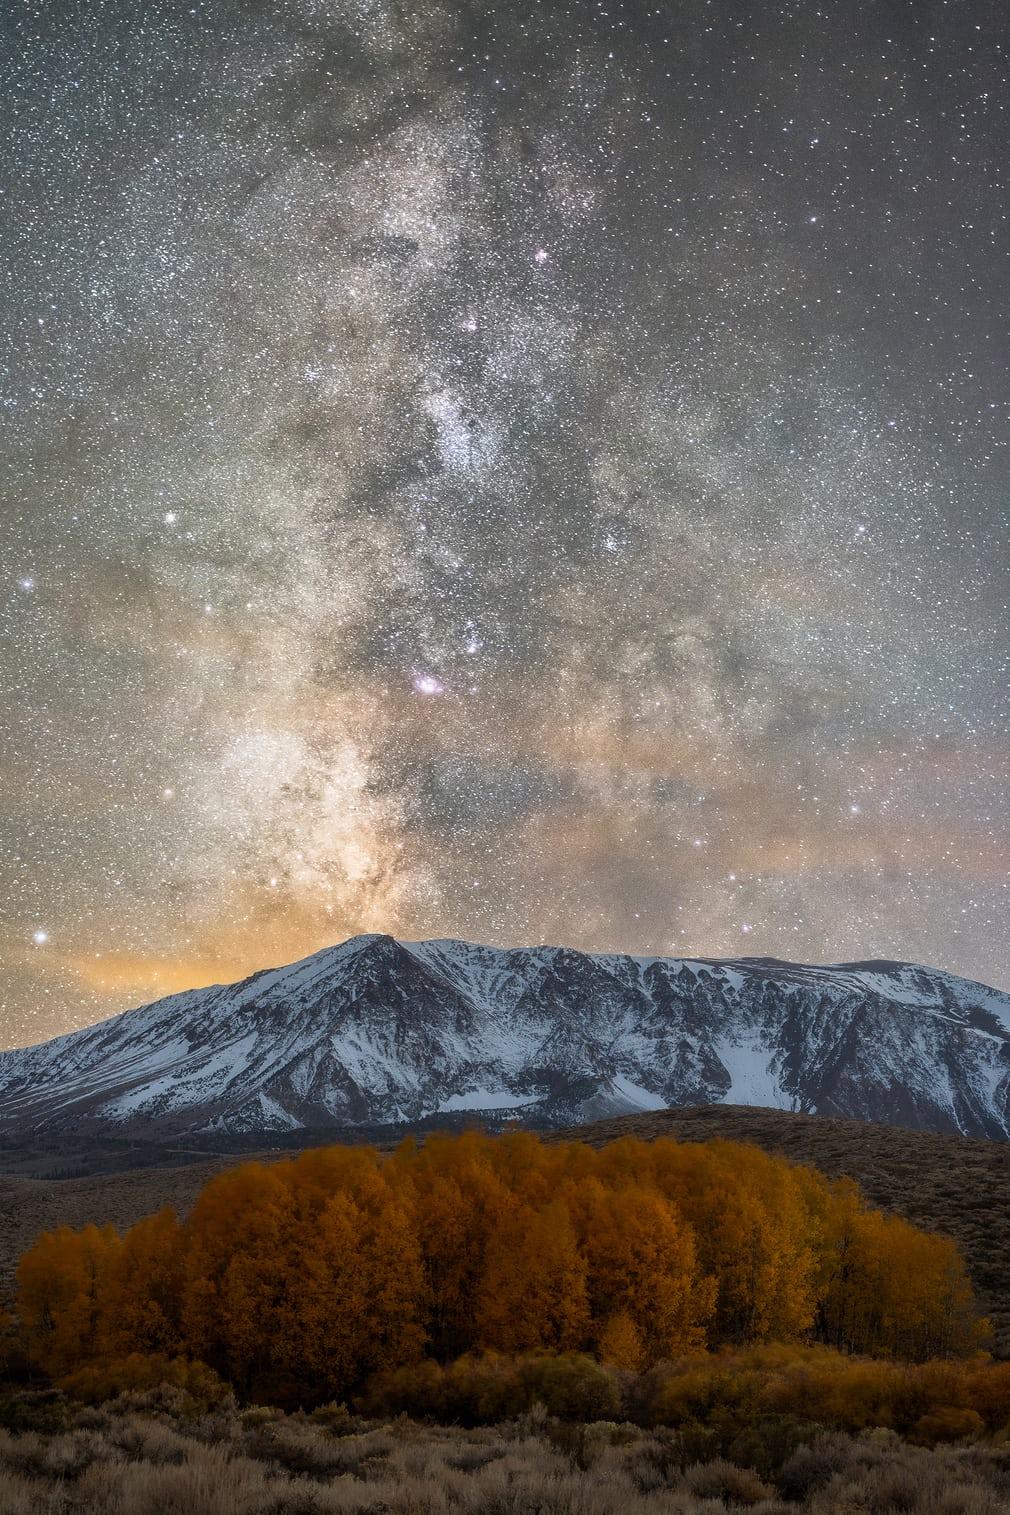 2017 yılının ödüle aday astronomi fotoğrafları 6